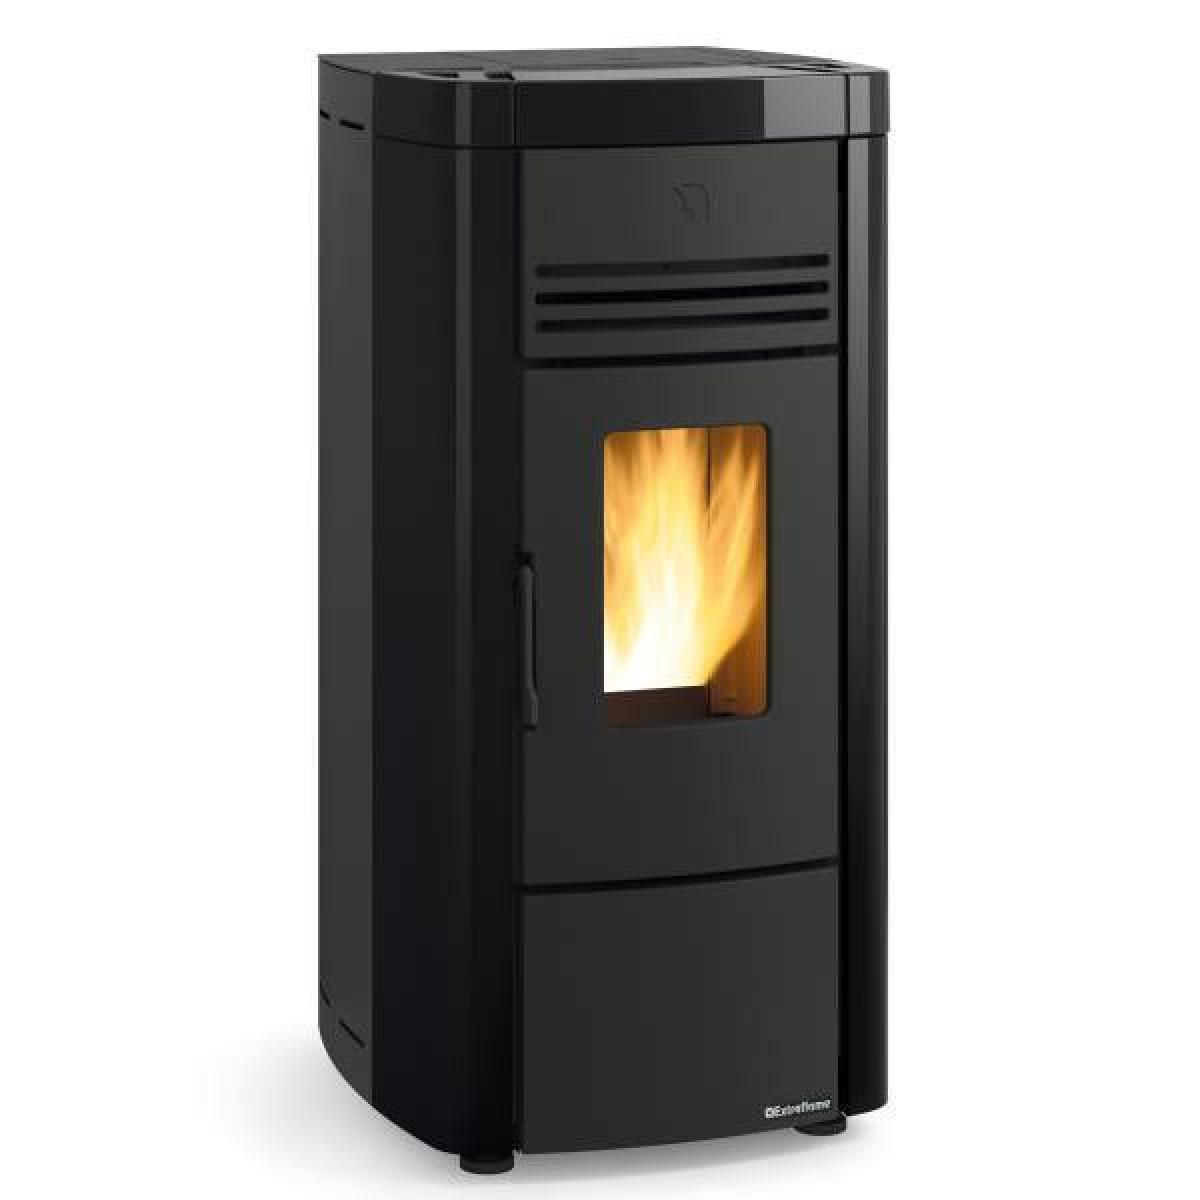 La Nordica 1282405-POELE A GRANULES ETANCHE-8KW-A+-FLAMME VERTE 7*-CSTB-FOYER FONT NORDICA EXTRAFLAME - ANGELASPNOIR